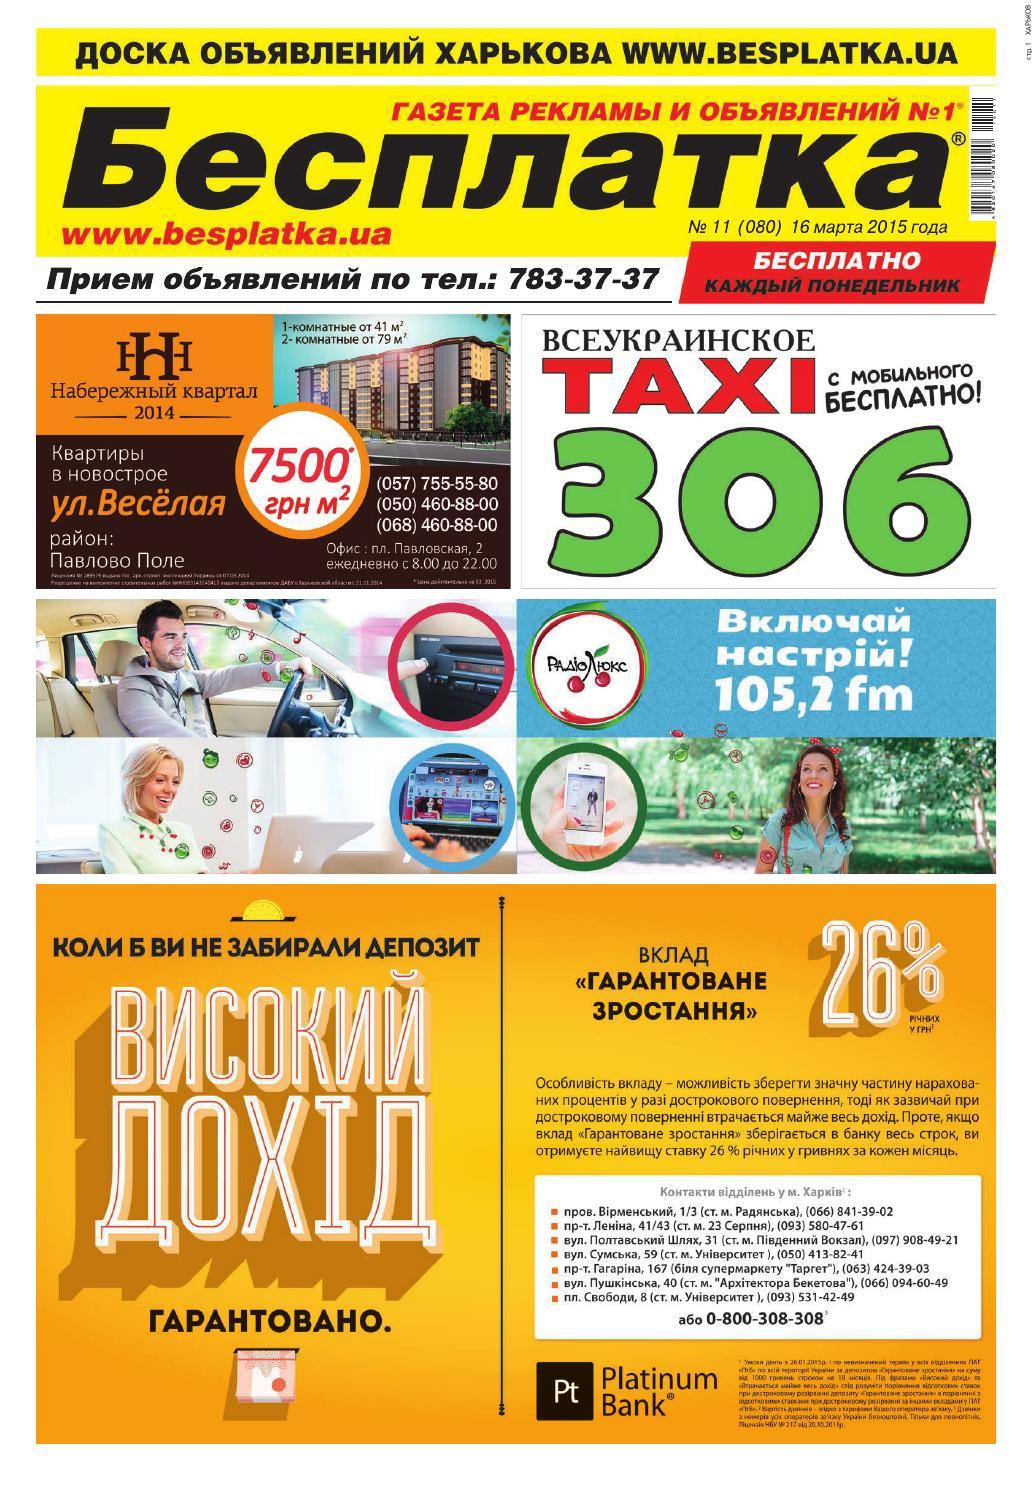 Besplatka kharkov 16 03 2015 by besplatka ukraine - issuu dbd4b14896d